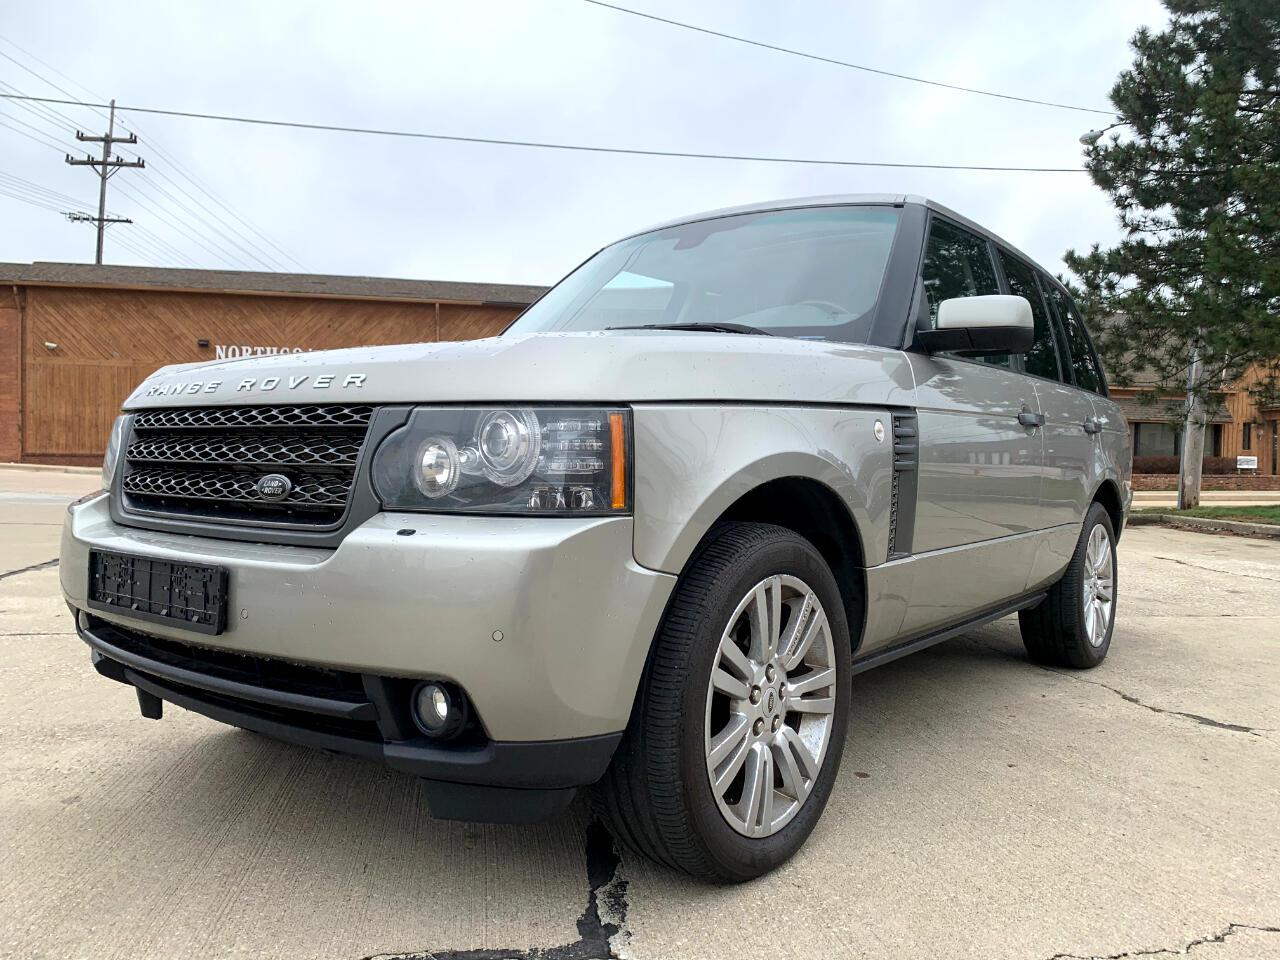 Land Rover Range Rover HSE LWB 2011